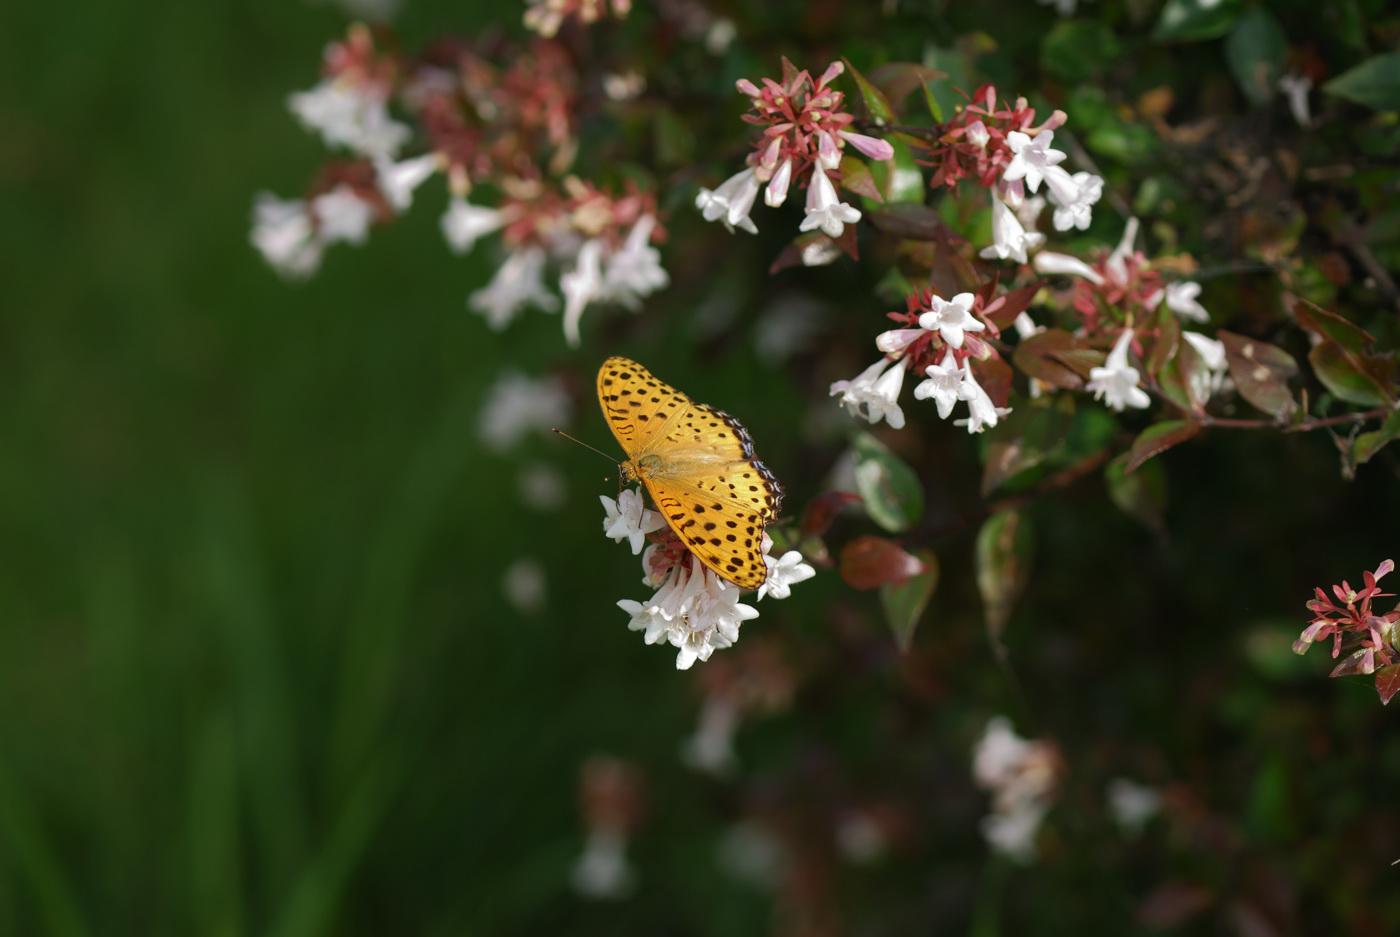 前にも写真に収めたことのある種類の蝶ですね